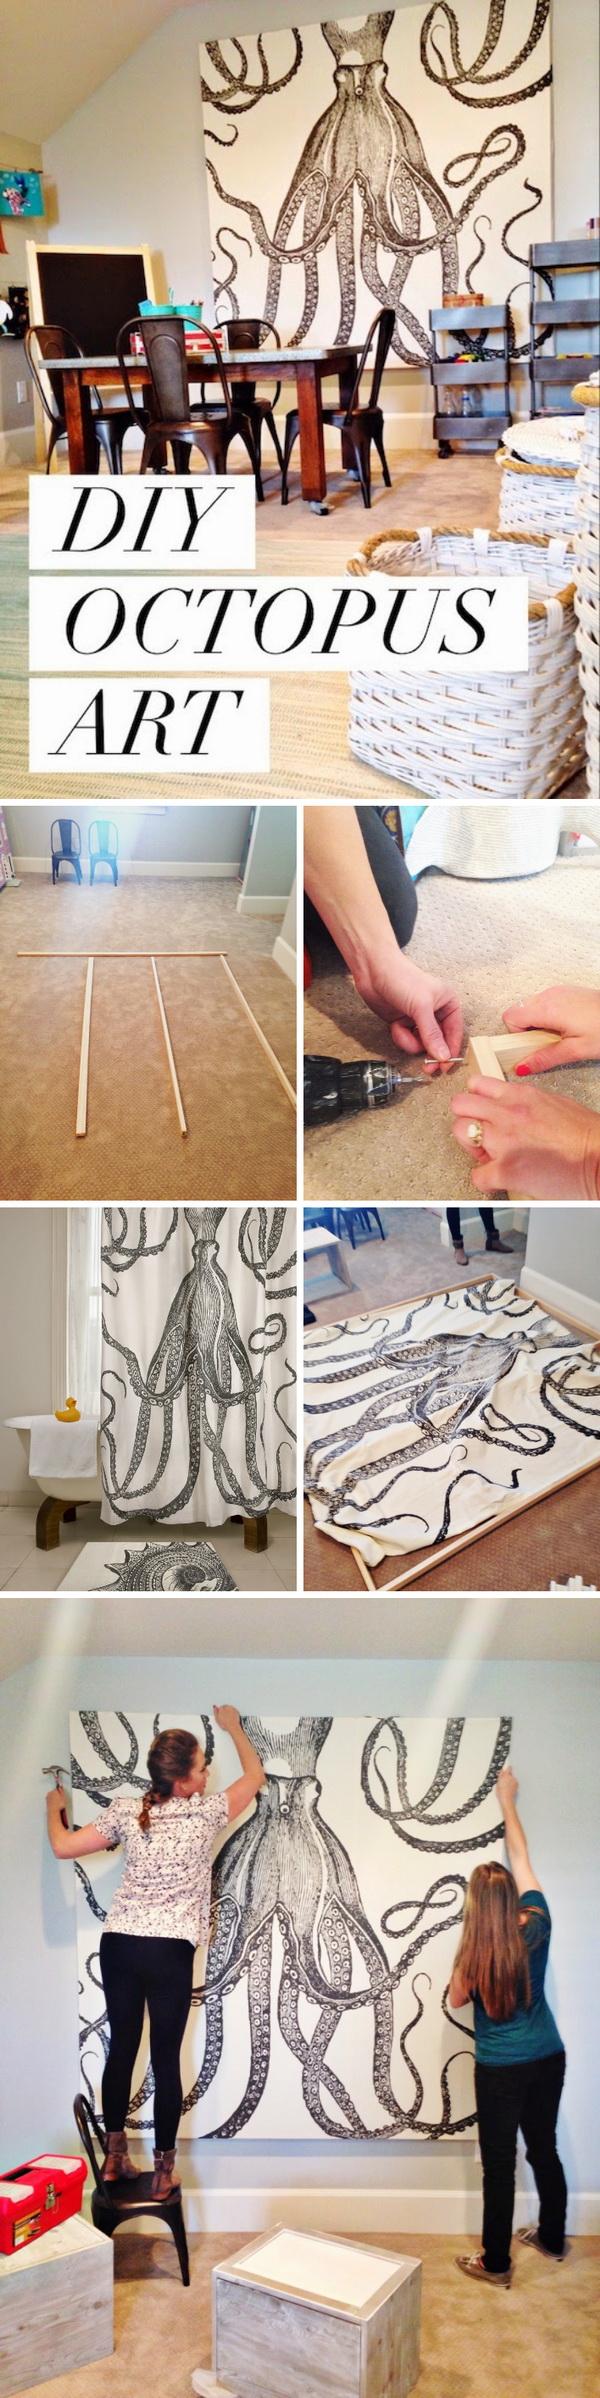 DIY Octopus Wall Art.